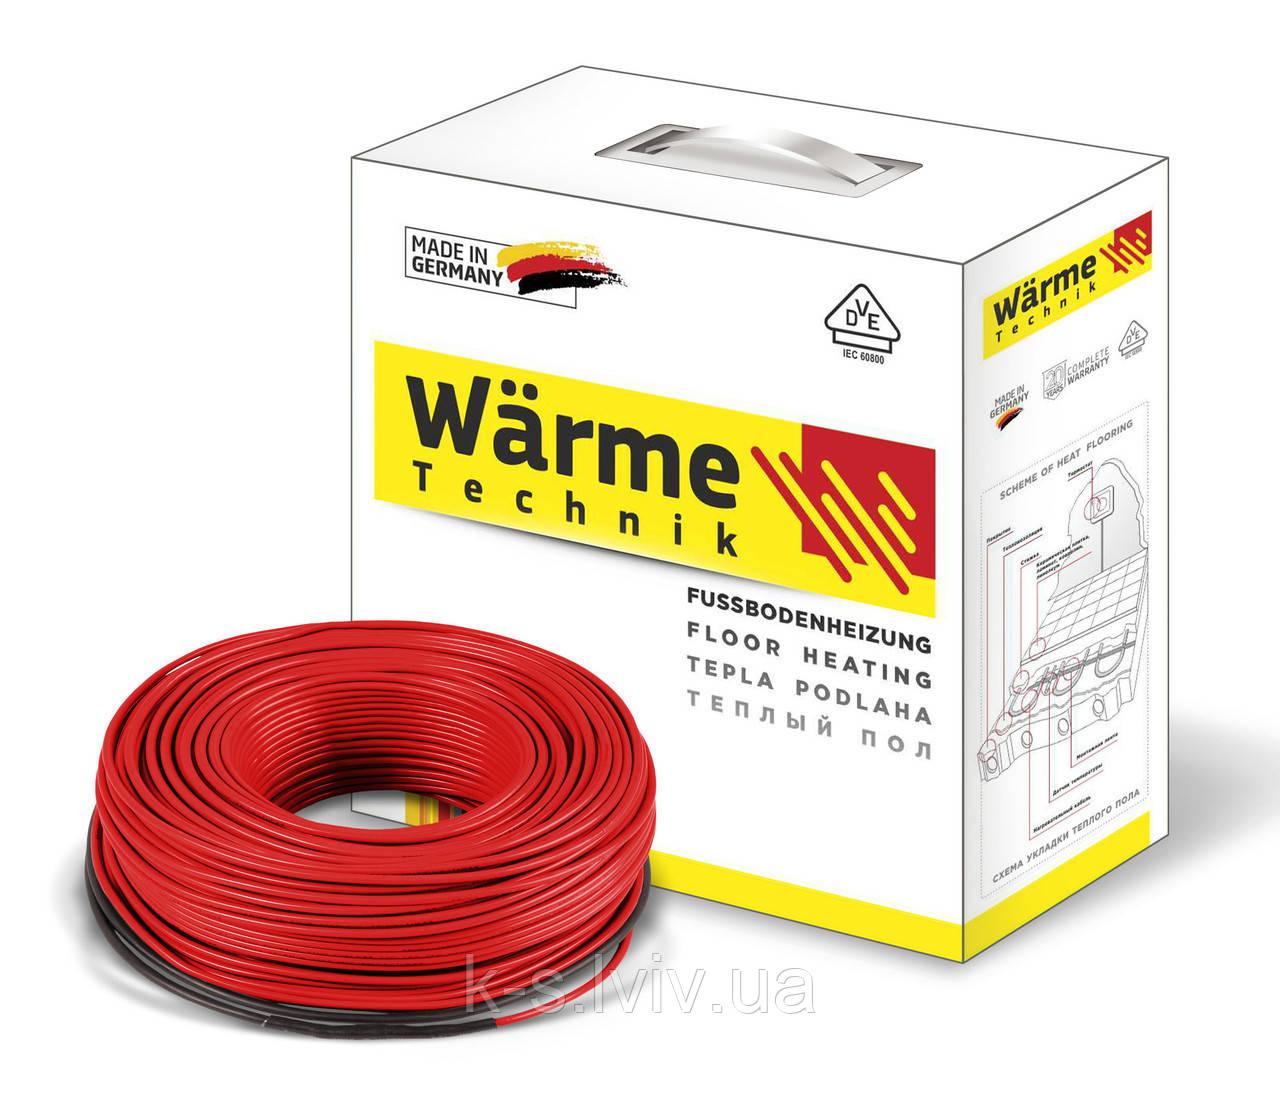 Двожильний нагрівальний тонкій кабель Варм (Wärme) Twin flex cable  - 2625W/ 14,0-17,5м²